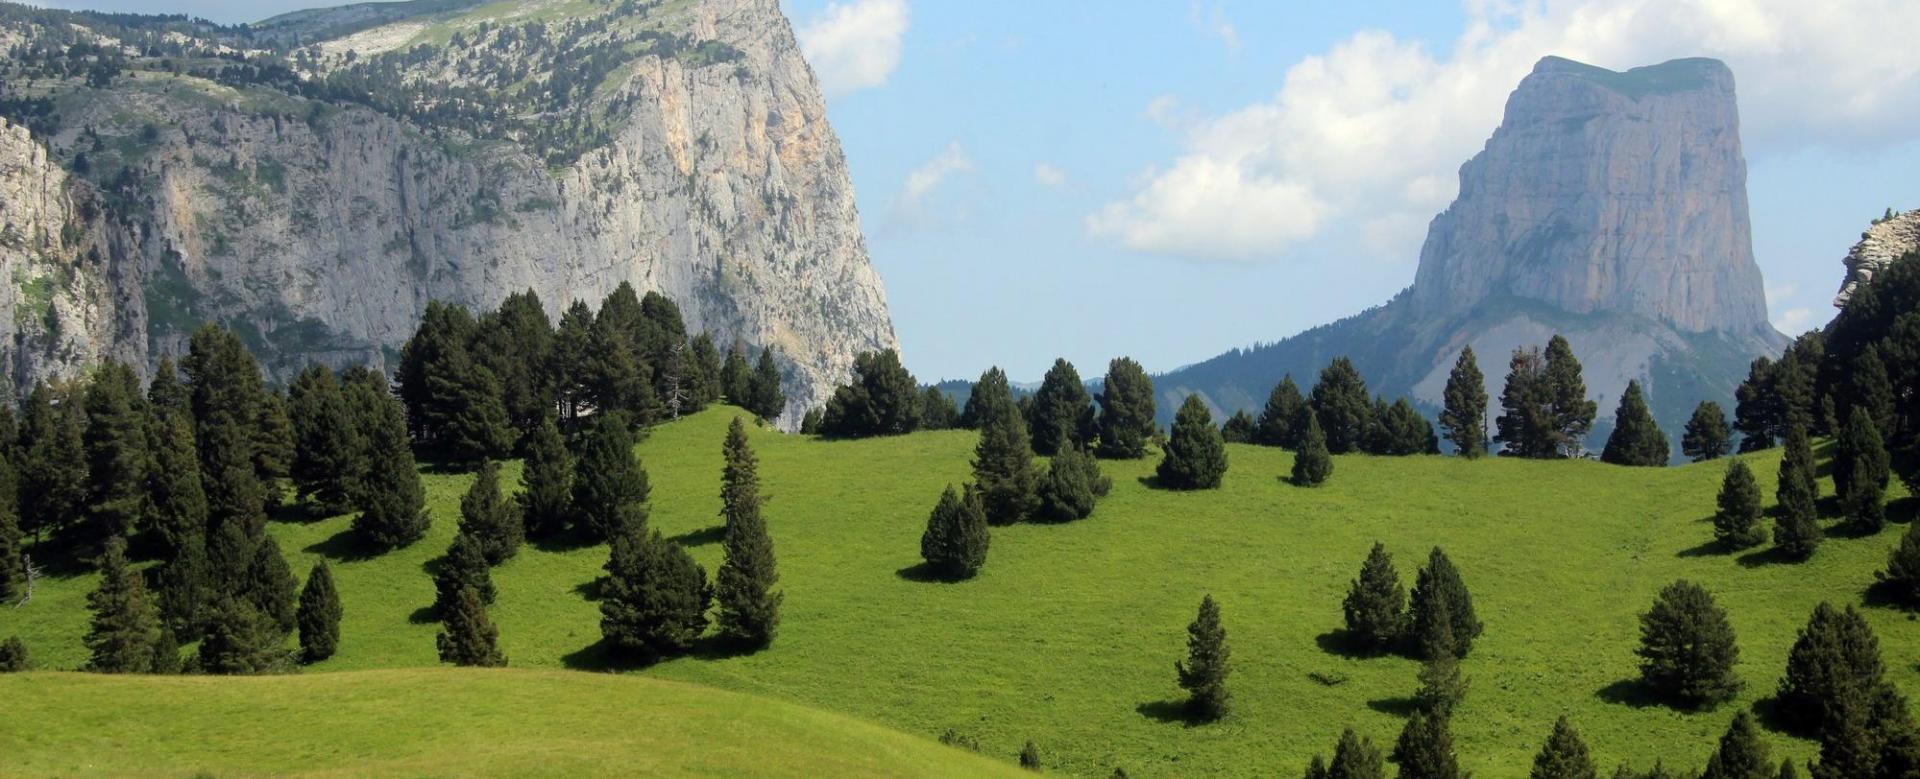 Voyage à pied France : Les plateaux secrets du vercors